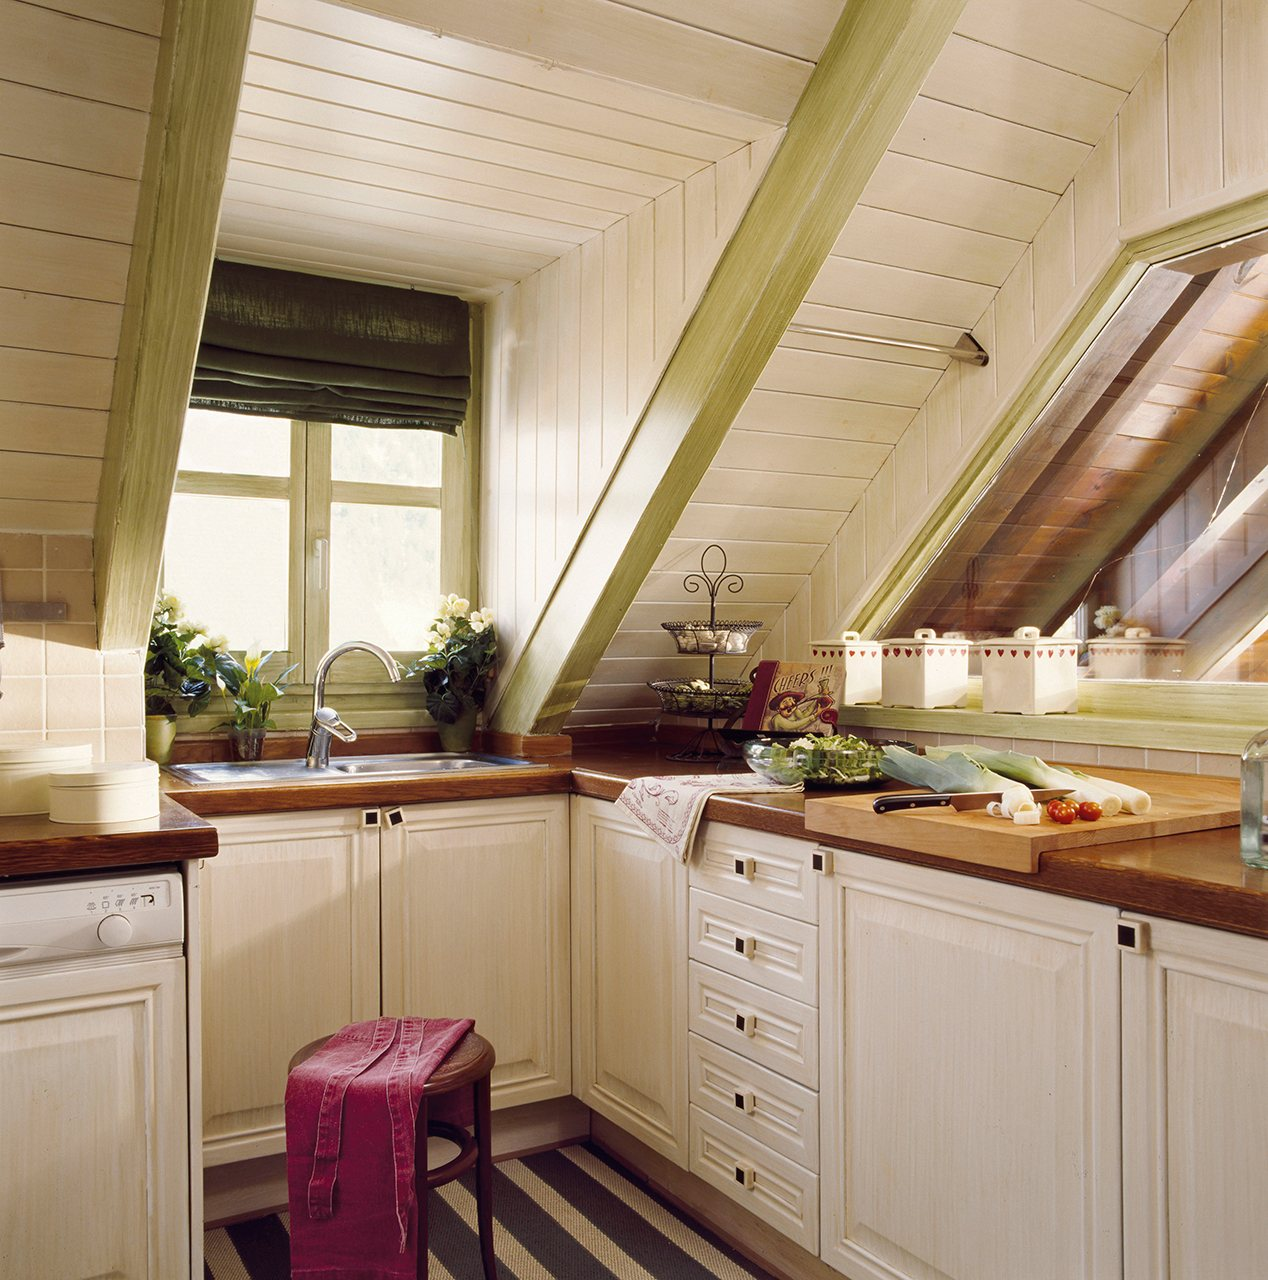 cocina en madera blanca con vigas verdes una cocina en la buhardilla